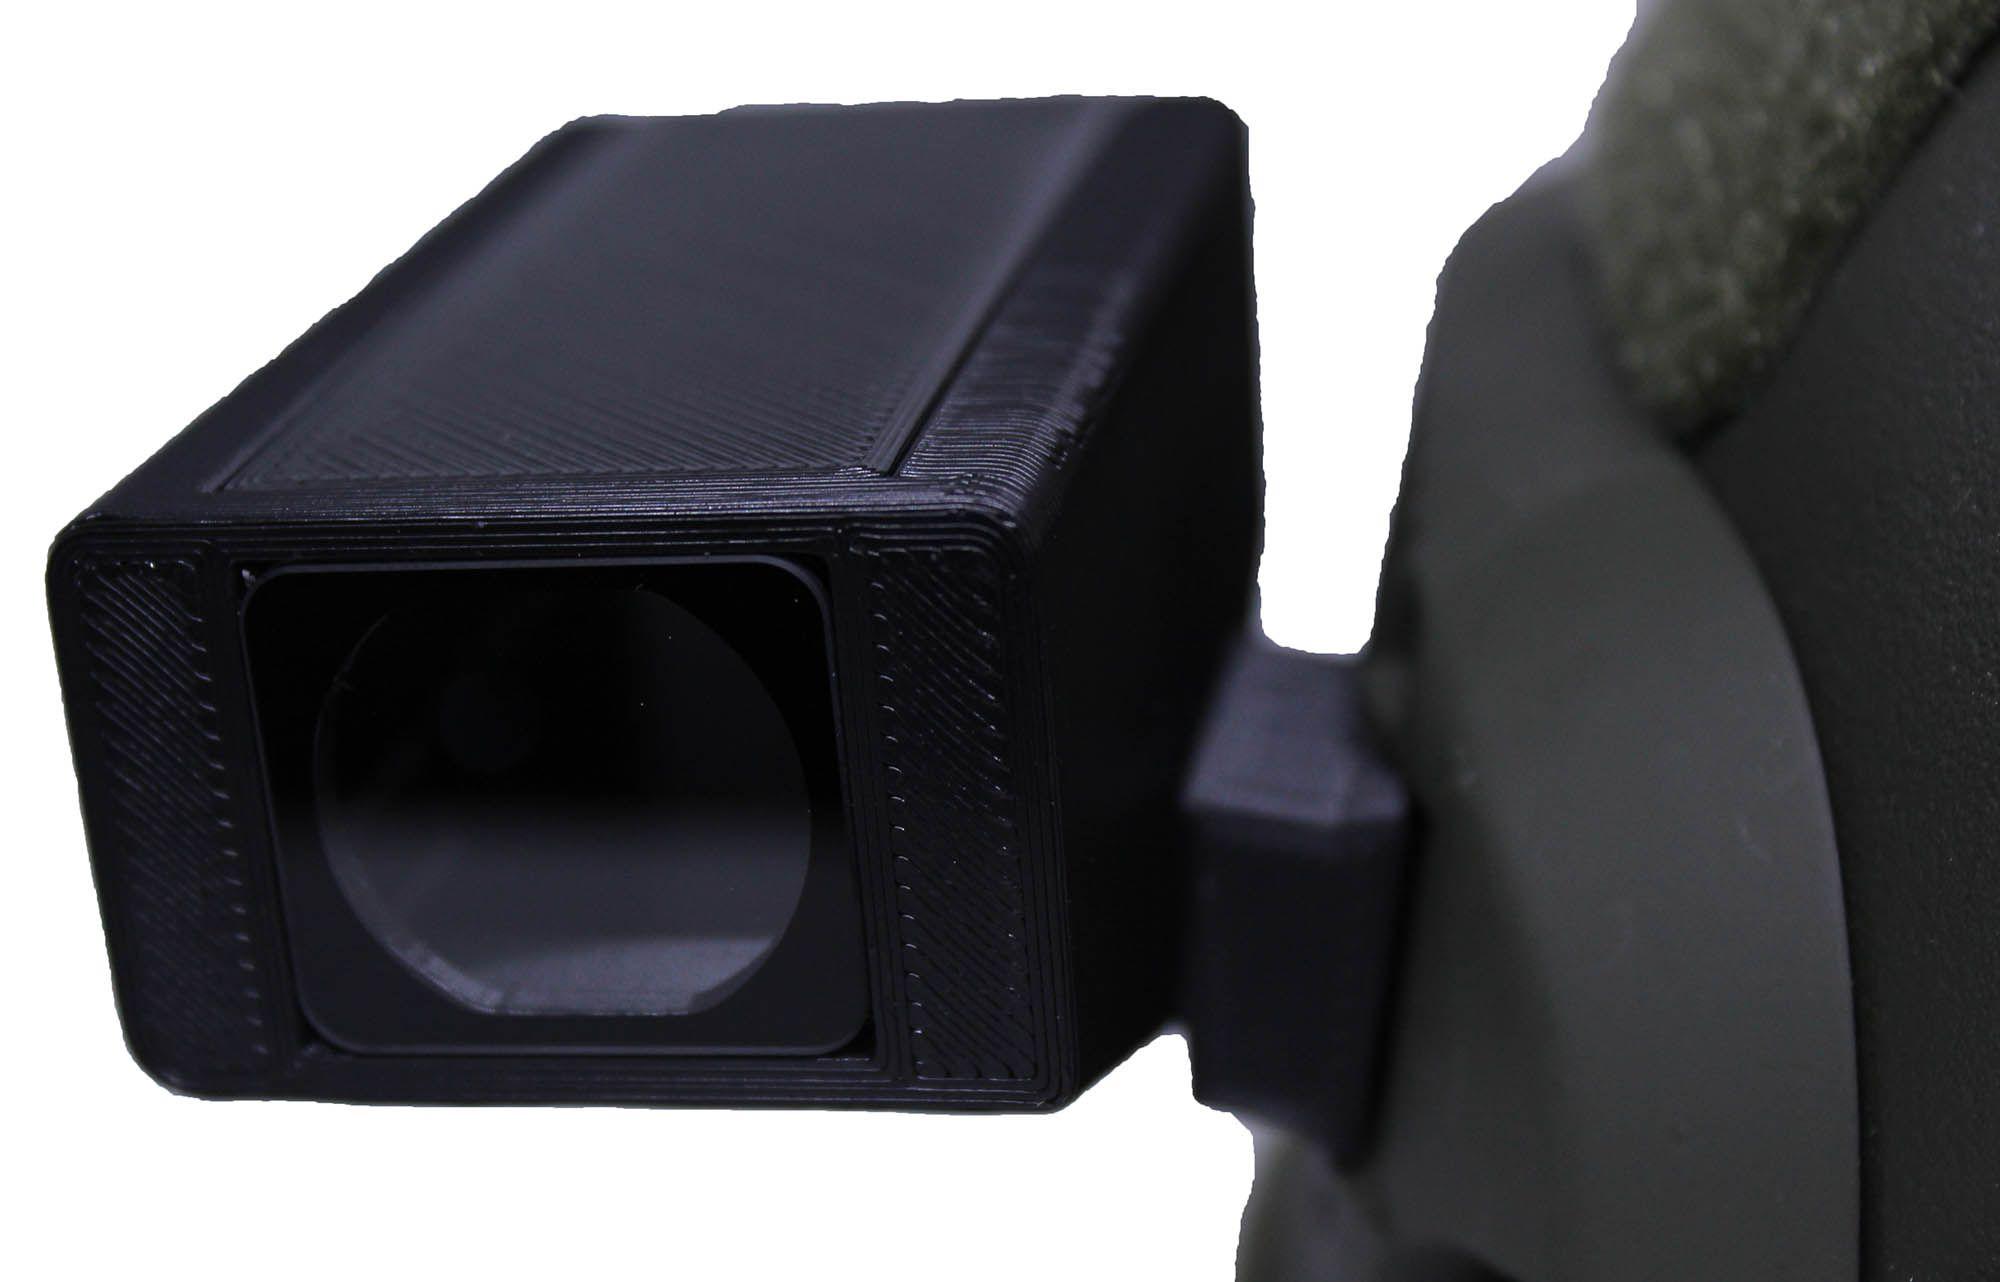 Suporte Runcam 2 Selfie E Capacete Com Tampa E Proteção